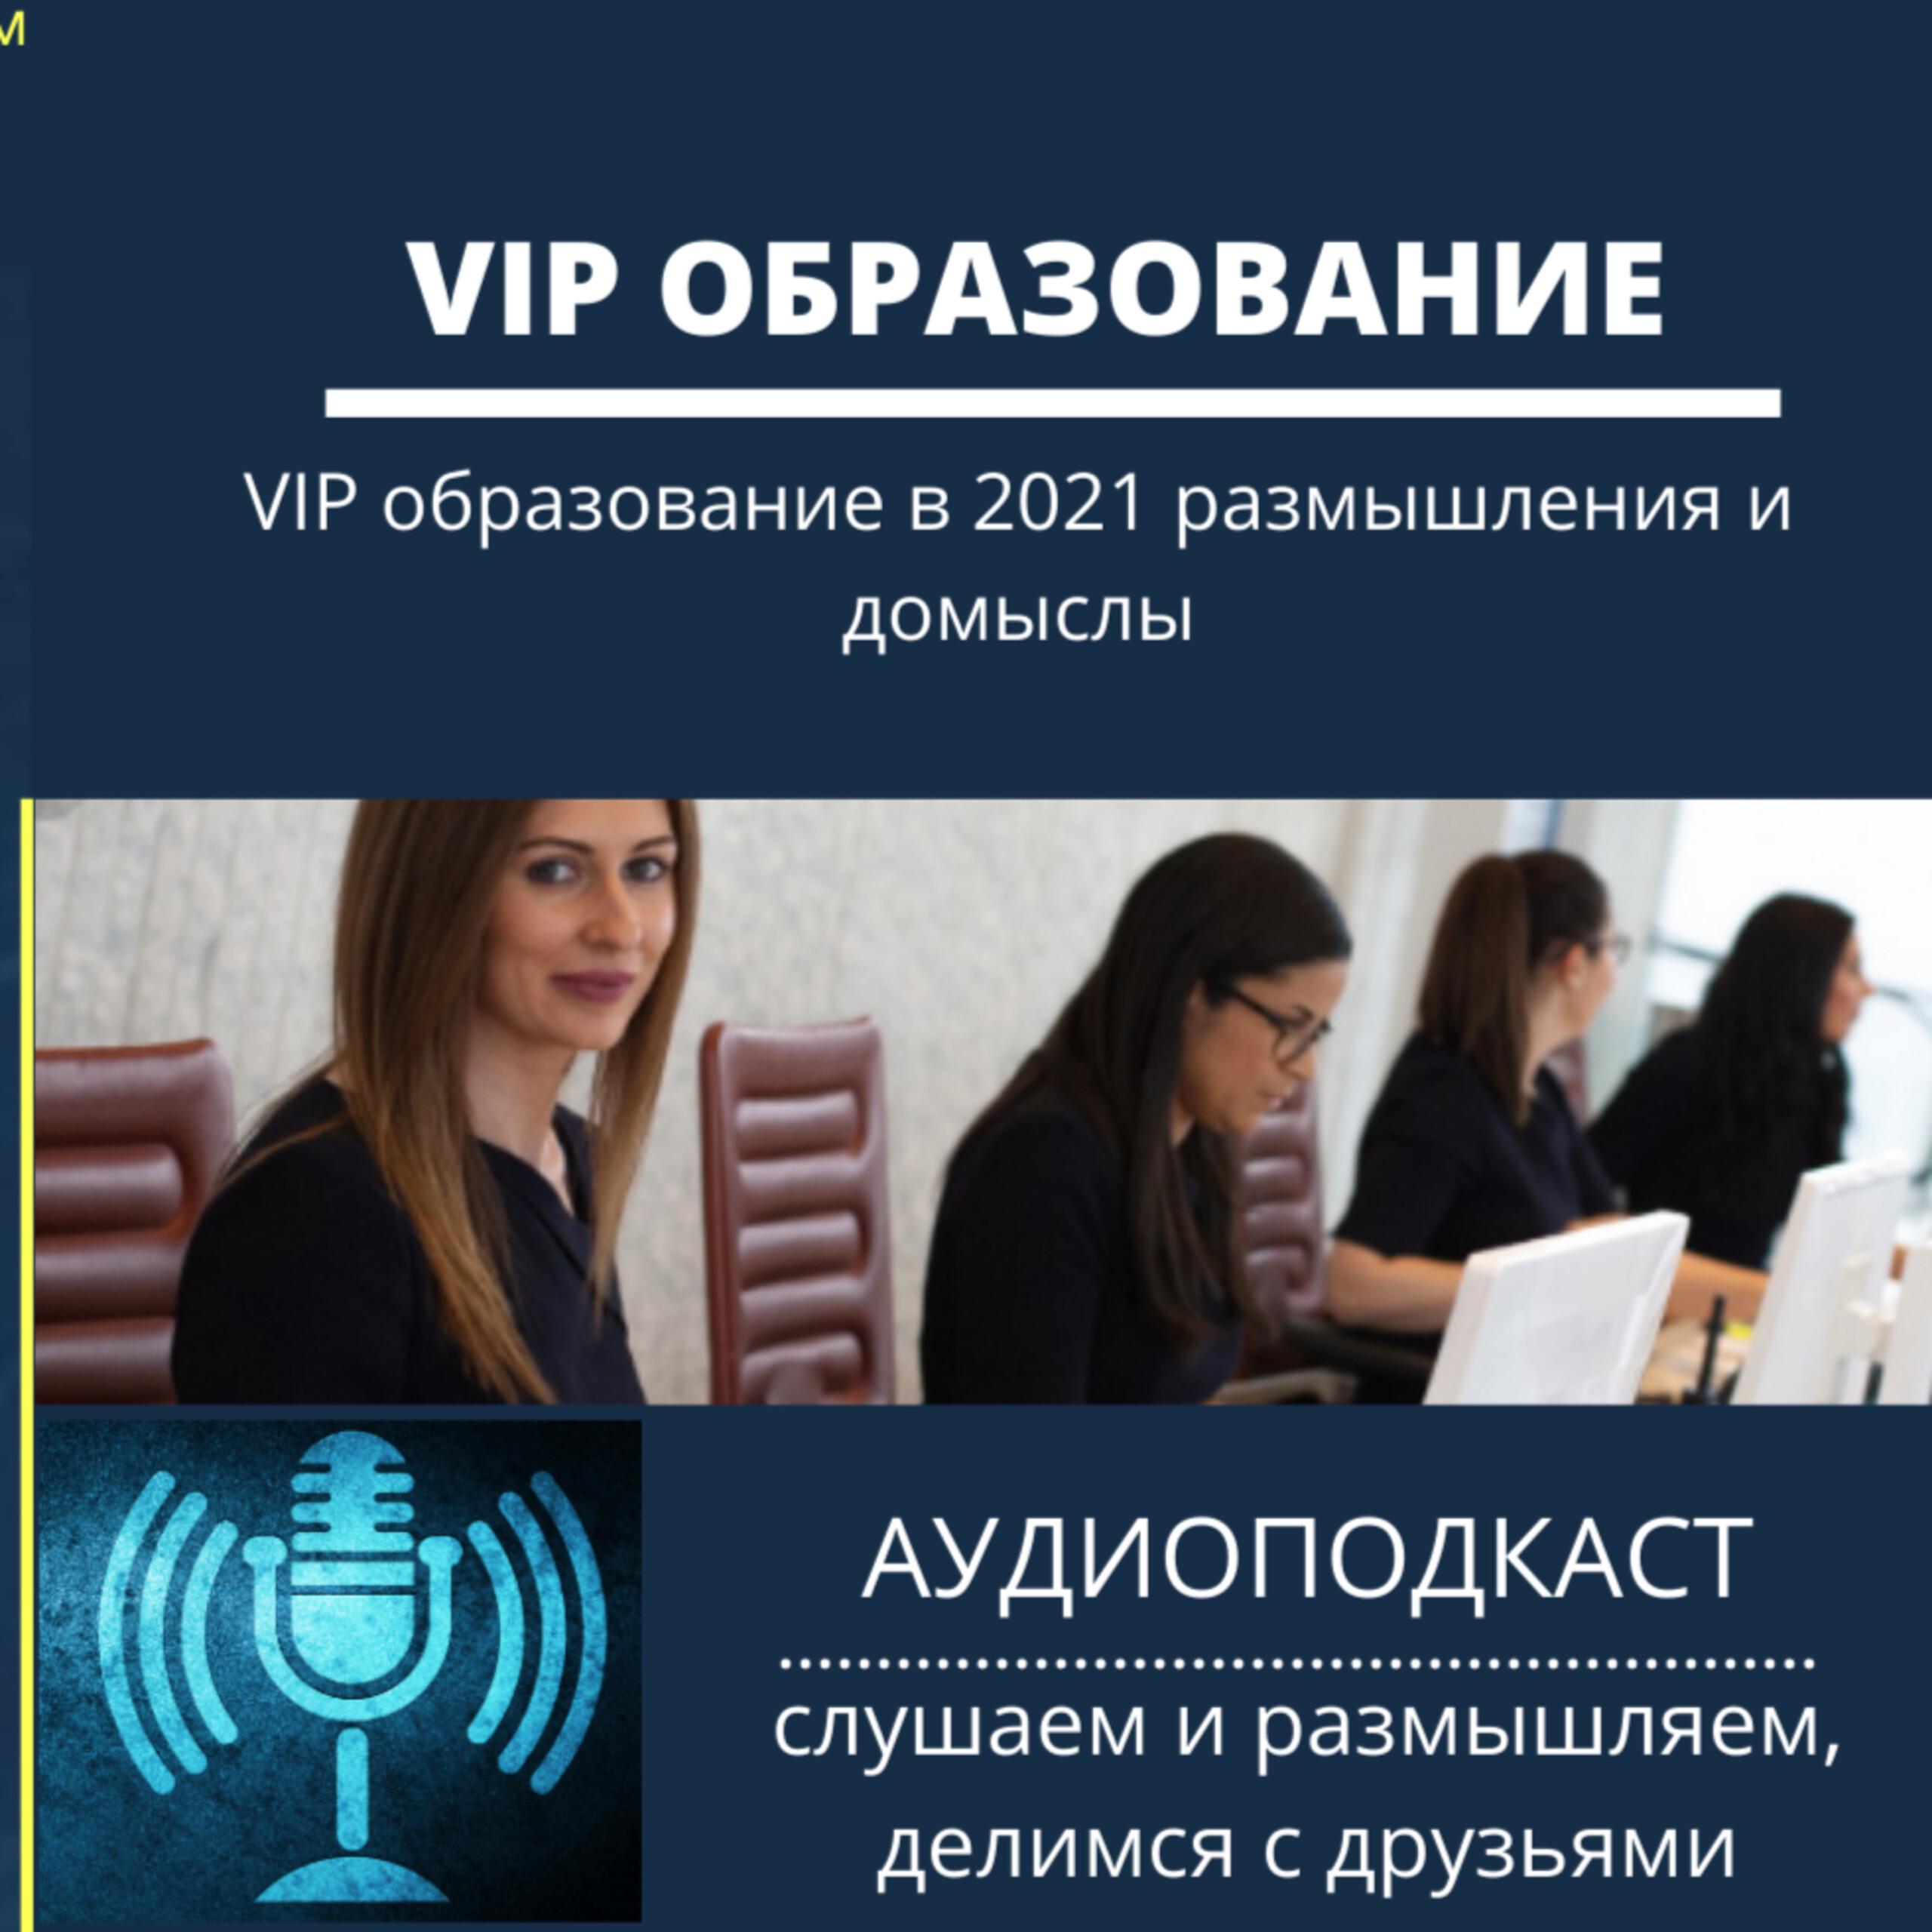 VIP образование в 2021 размышления и домыслы